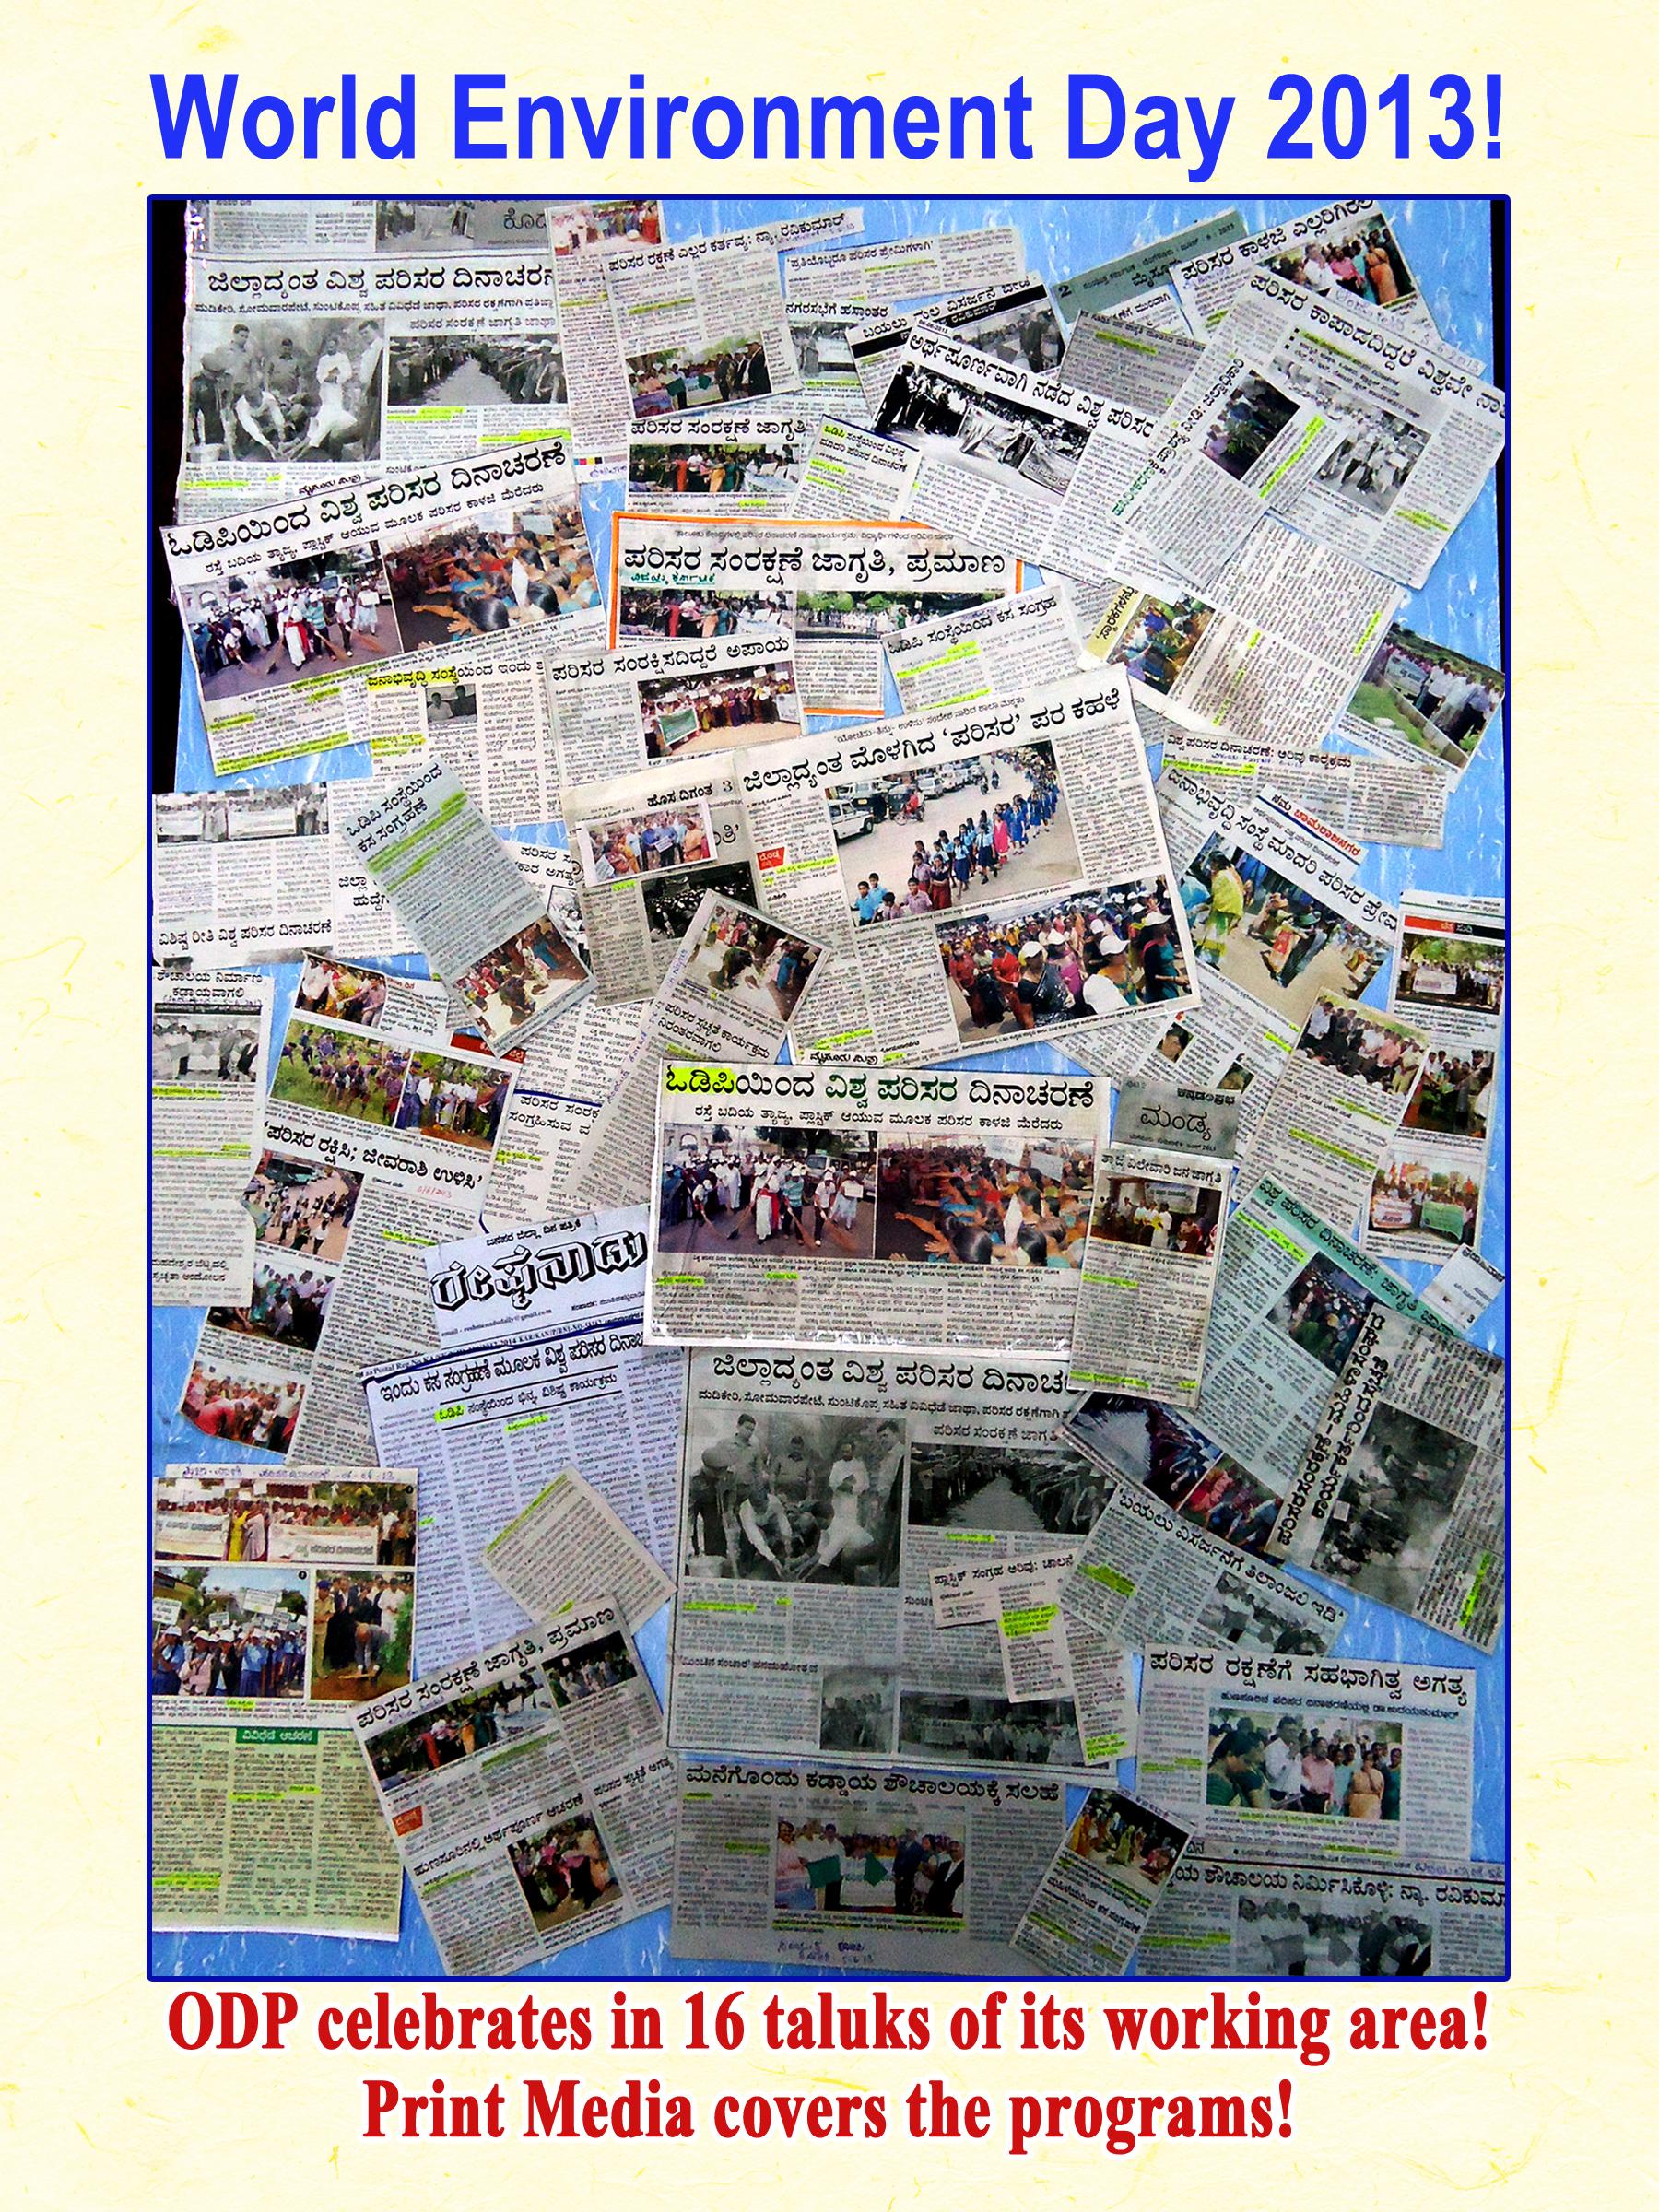 Print Media Coverage